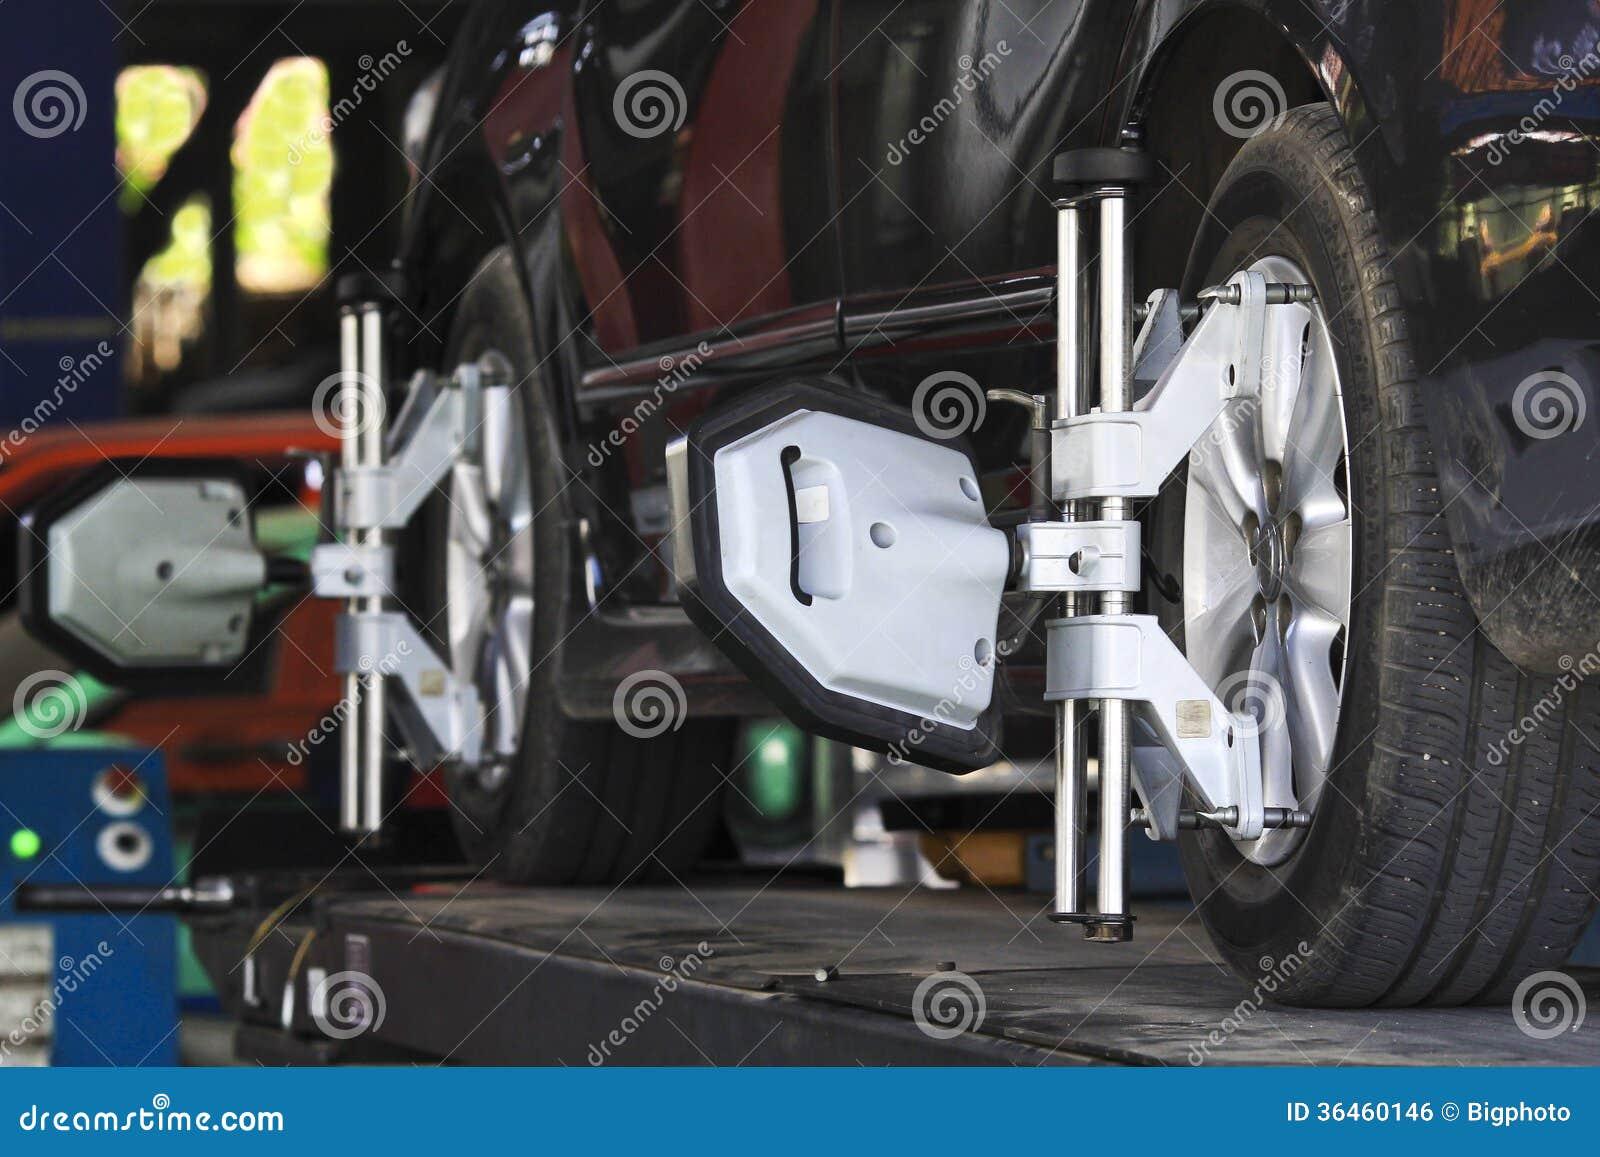 Autowiel vast met geautomatiseerde de machineklem van de wielgroepering